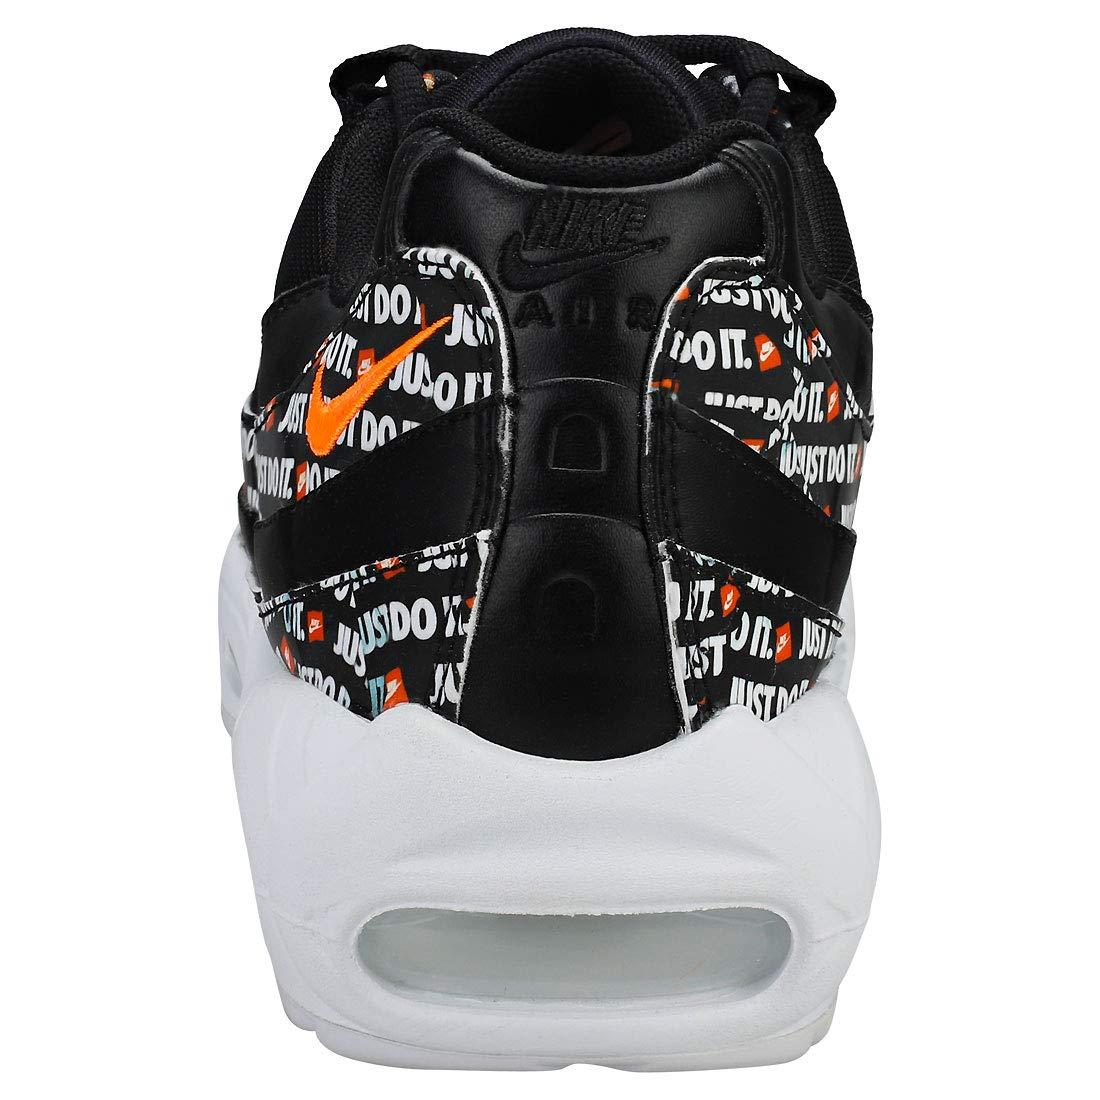 huge discount d84c4 2b4c3 Nike Air Max 95 Se, Sneakers Basses Mixte Adulte  Amazon.fr  Chaussures et  Sacs